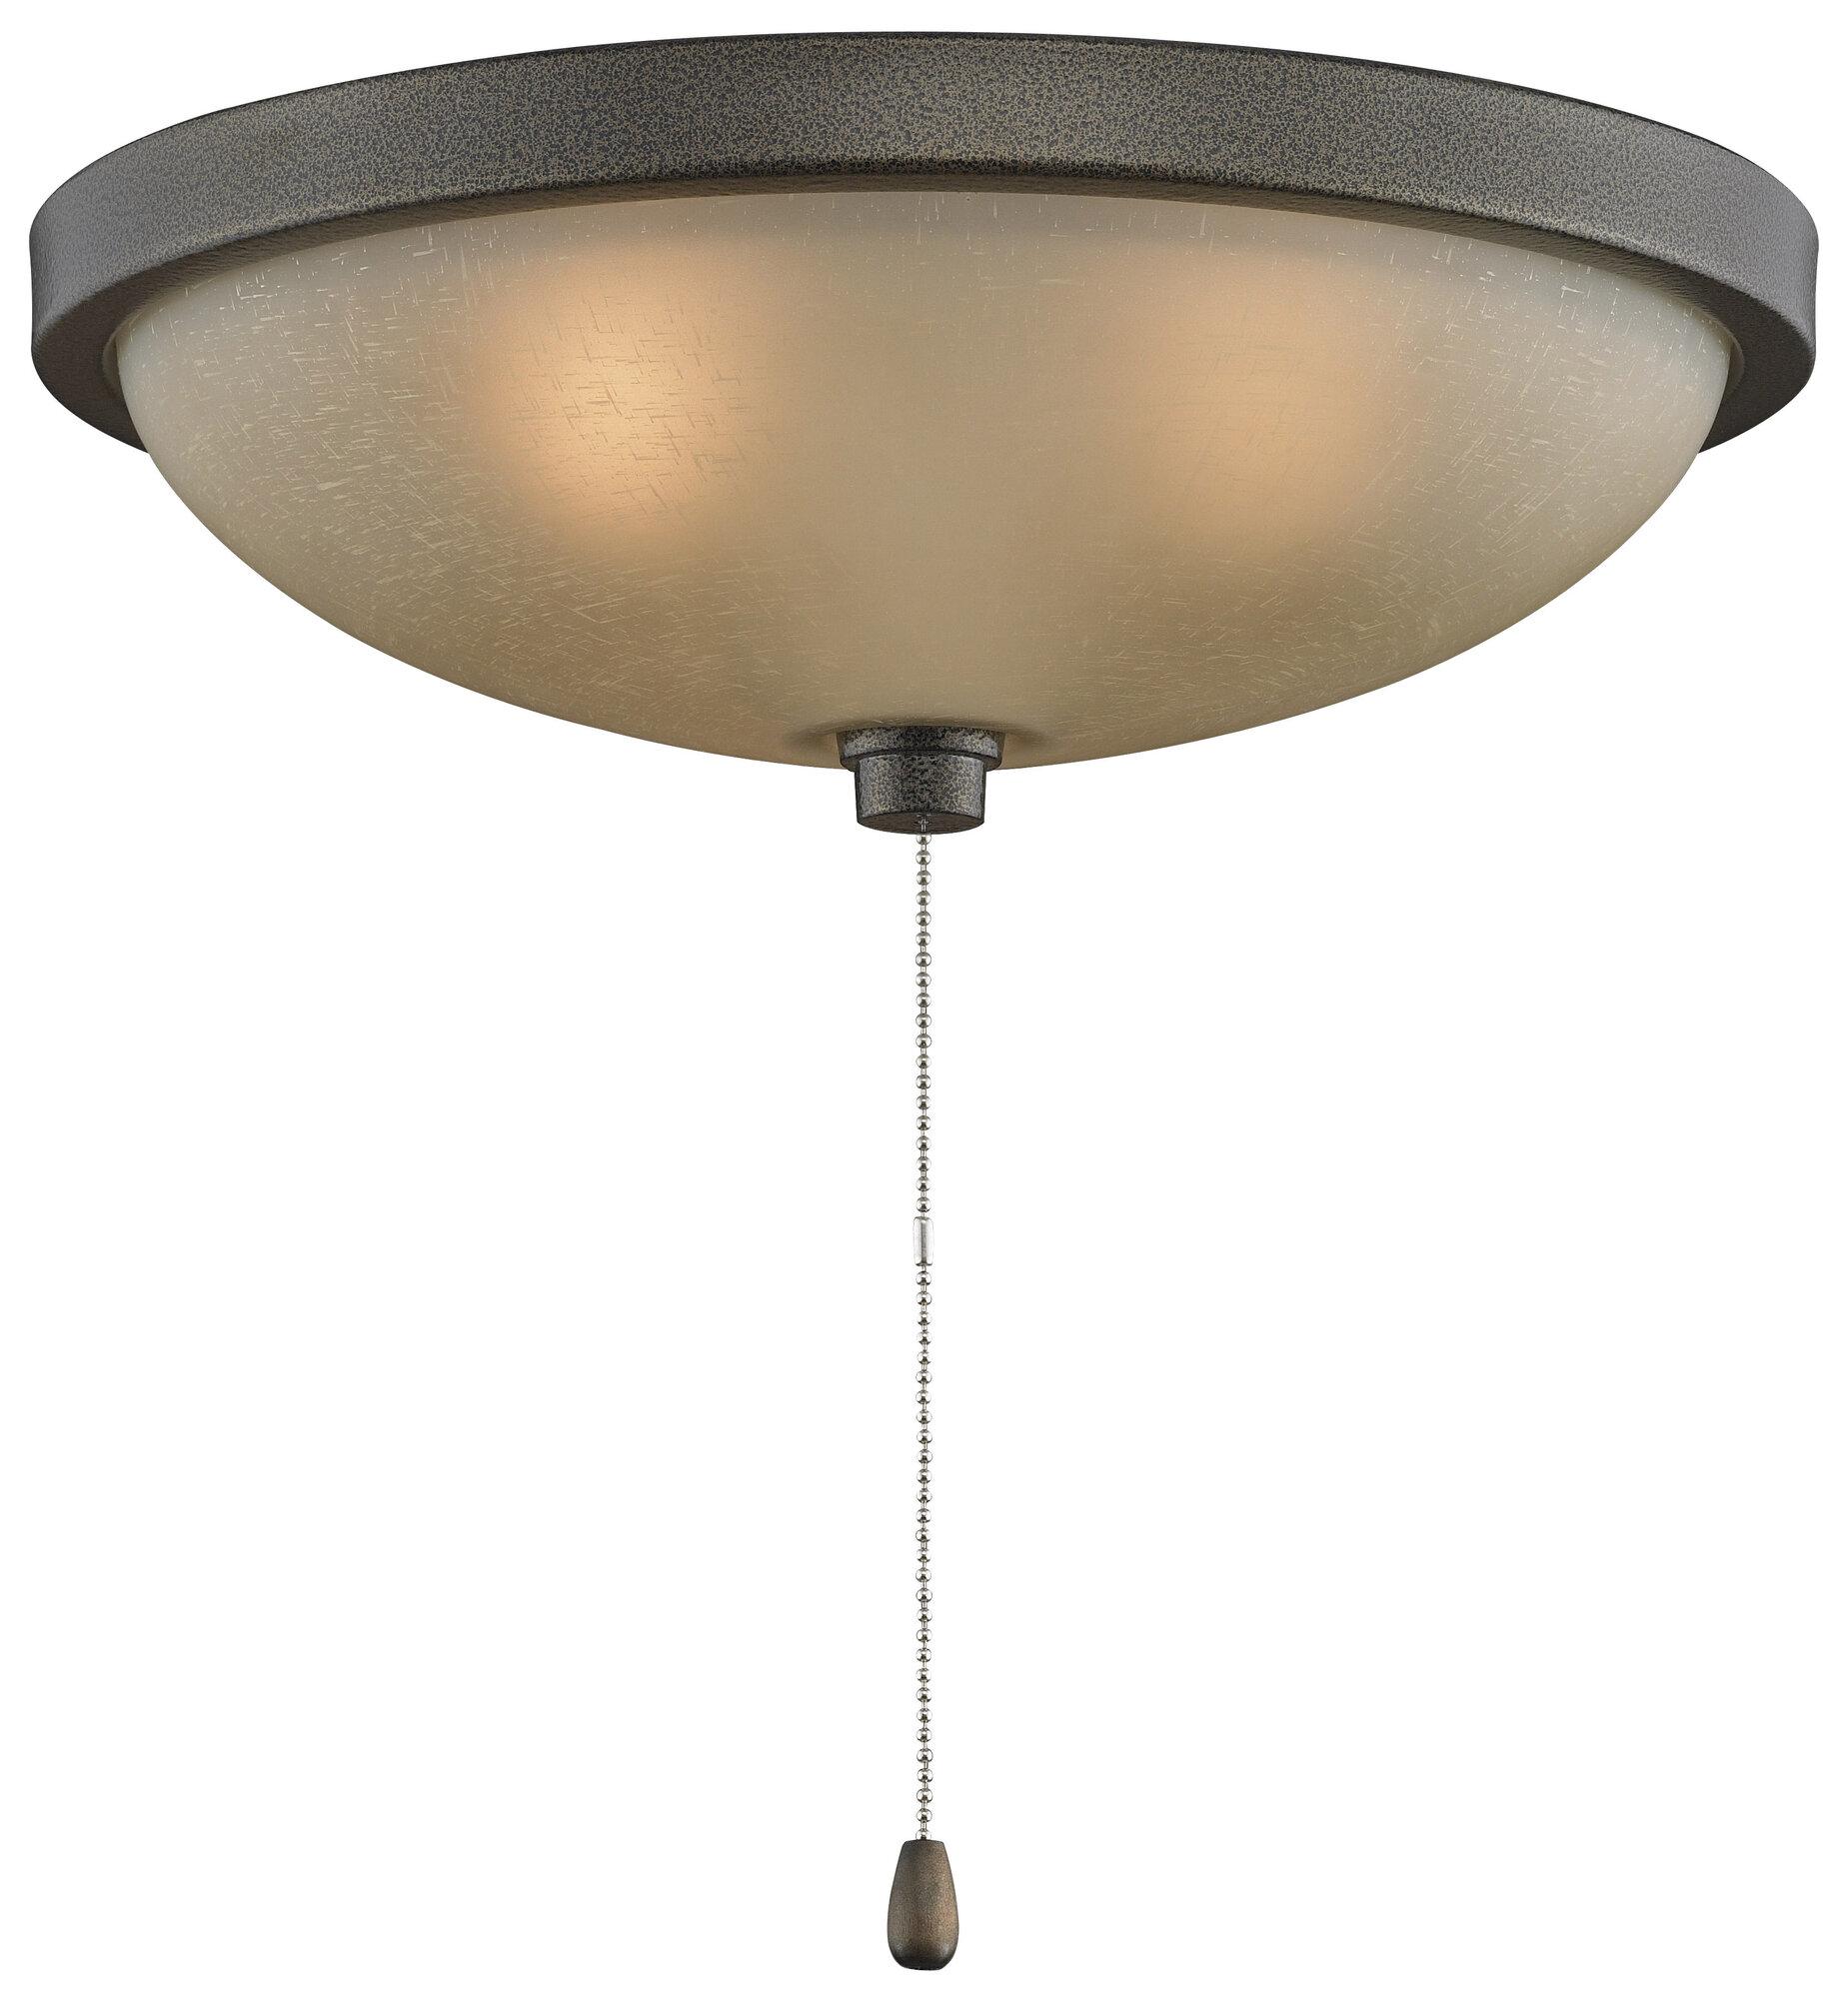 Fanimation 3 light bowl ceiling fan light kit ebay fanimation 3 light bowl ceiling fan light kit aloadofball Images